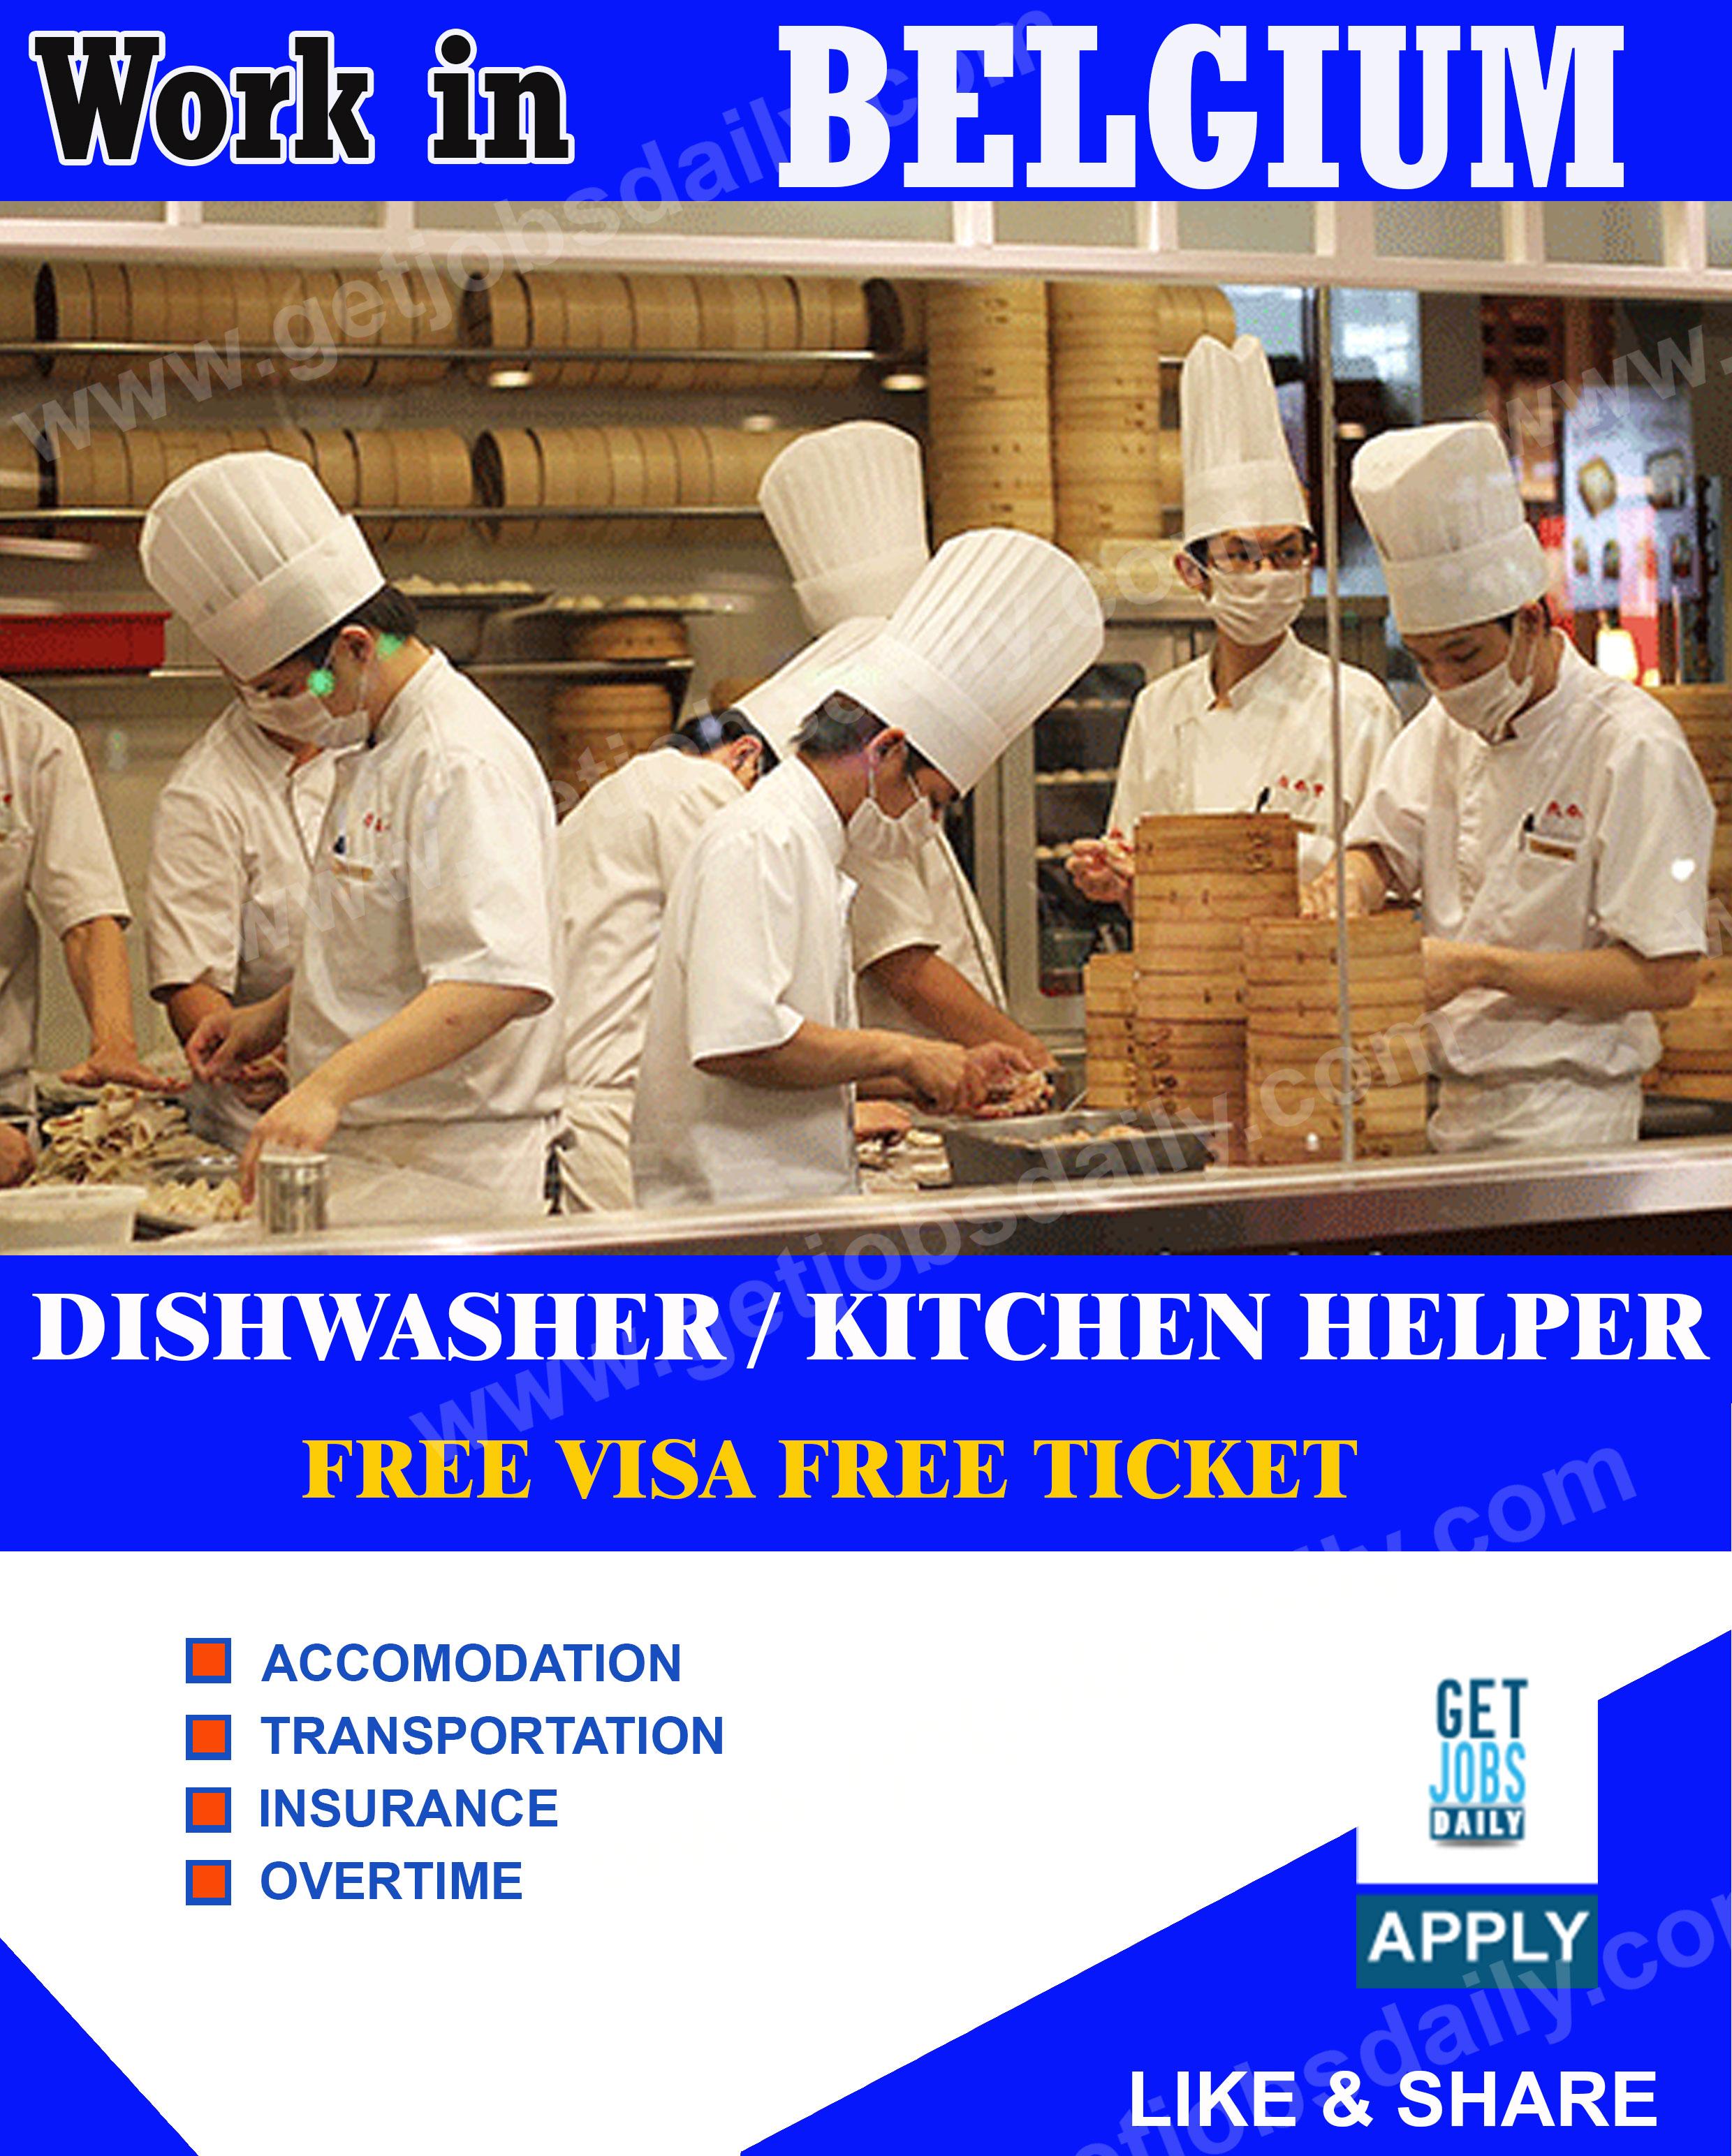 Work in Belgium | Dishwasher and Kitchen helper needed